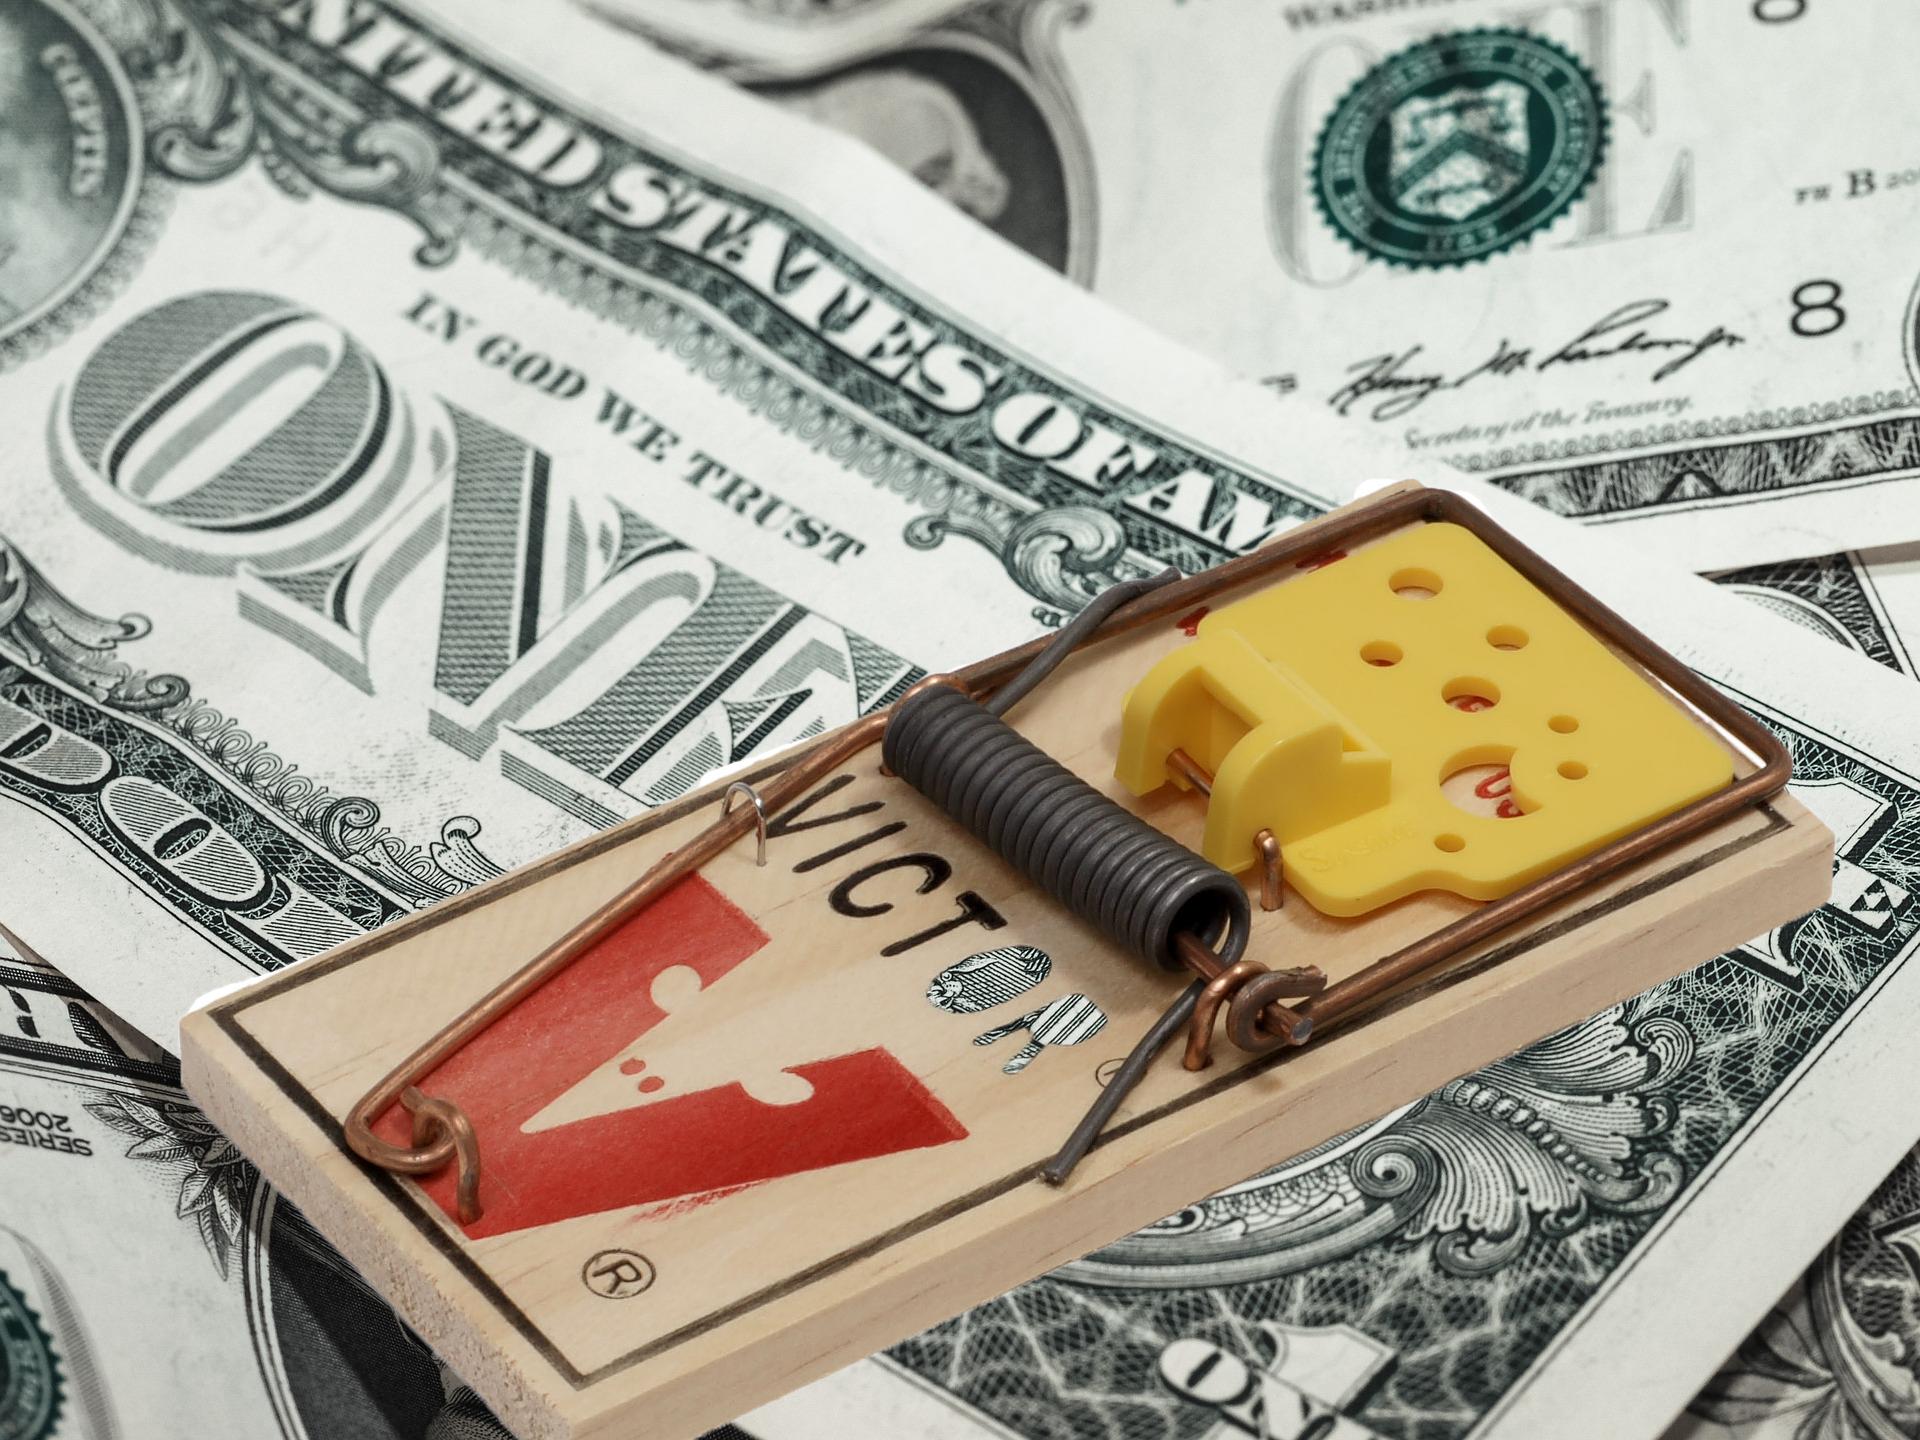 mit jelent a kifejezés opció, amikor a pénz